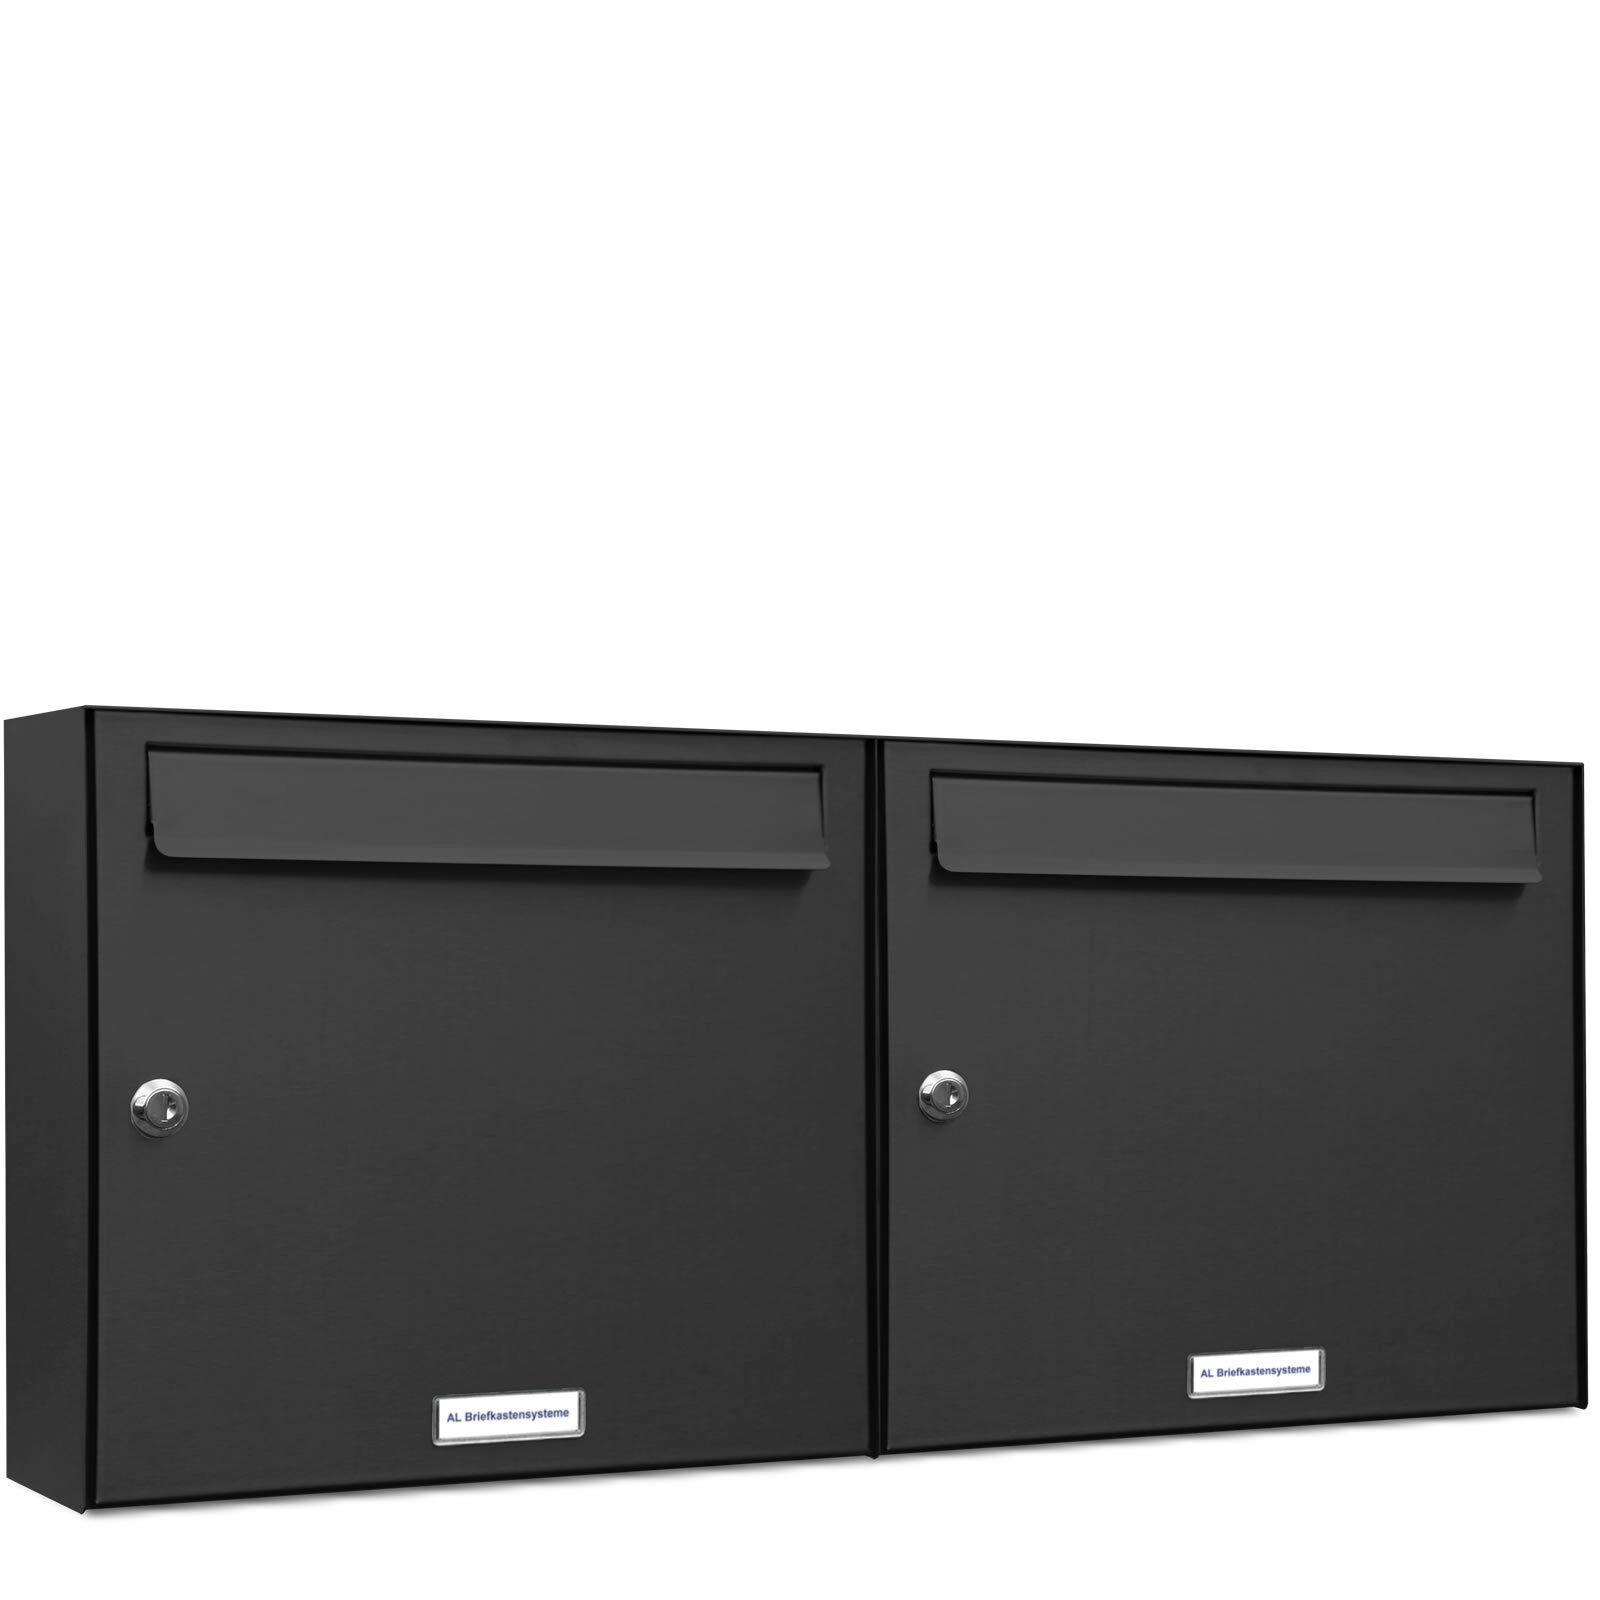 2 er Premium Wand Briefkasten Anthrazit RAL 7016 2 Fach A4 Postkasten design A4